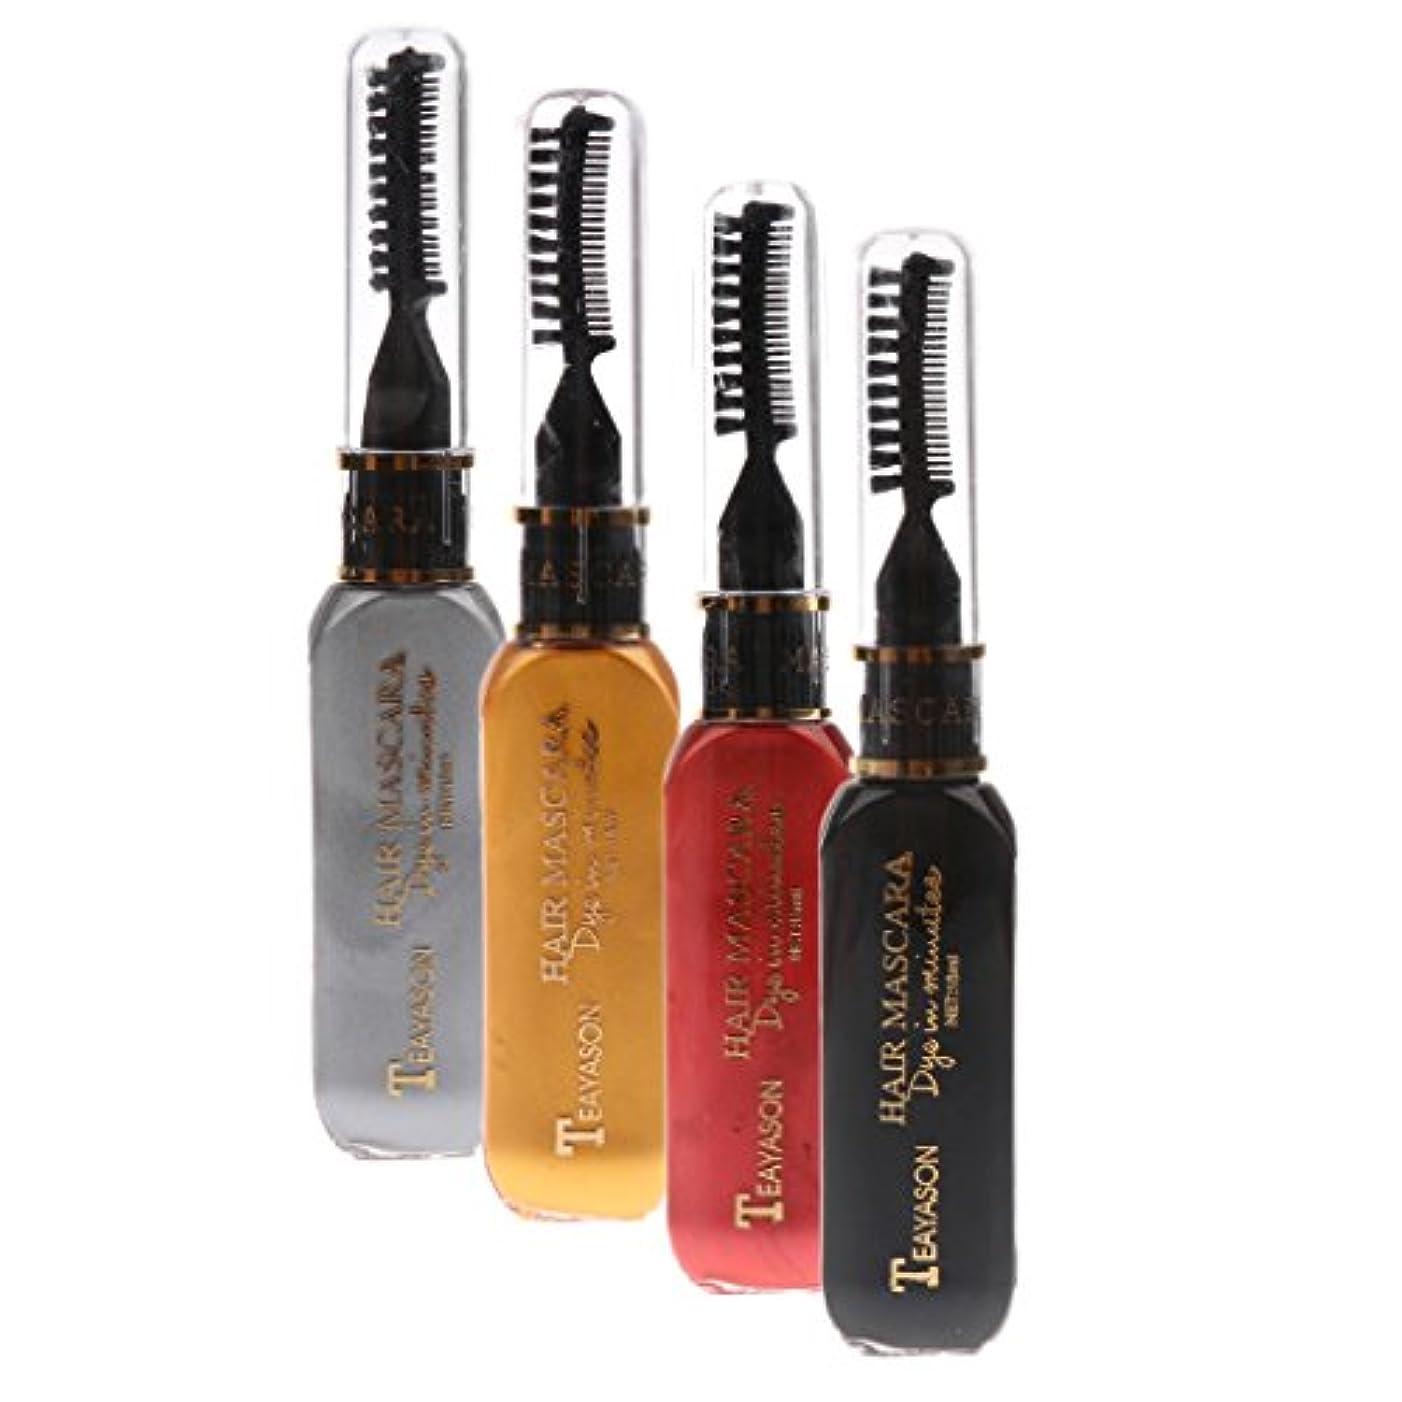 失シャープ適応するToygogo 4色サロン一時的な色髪染料マスカラ髪チョーク無毒髪染料グレー/ブラック/クラレットレッド/ゴールド